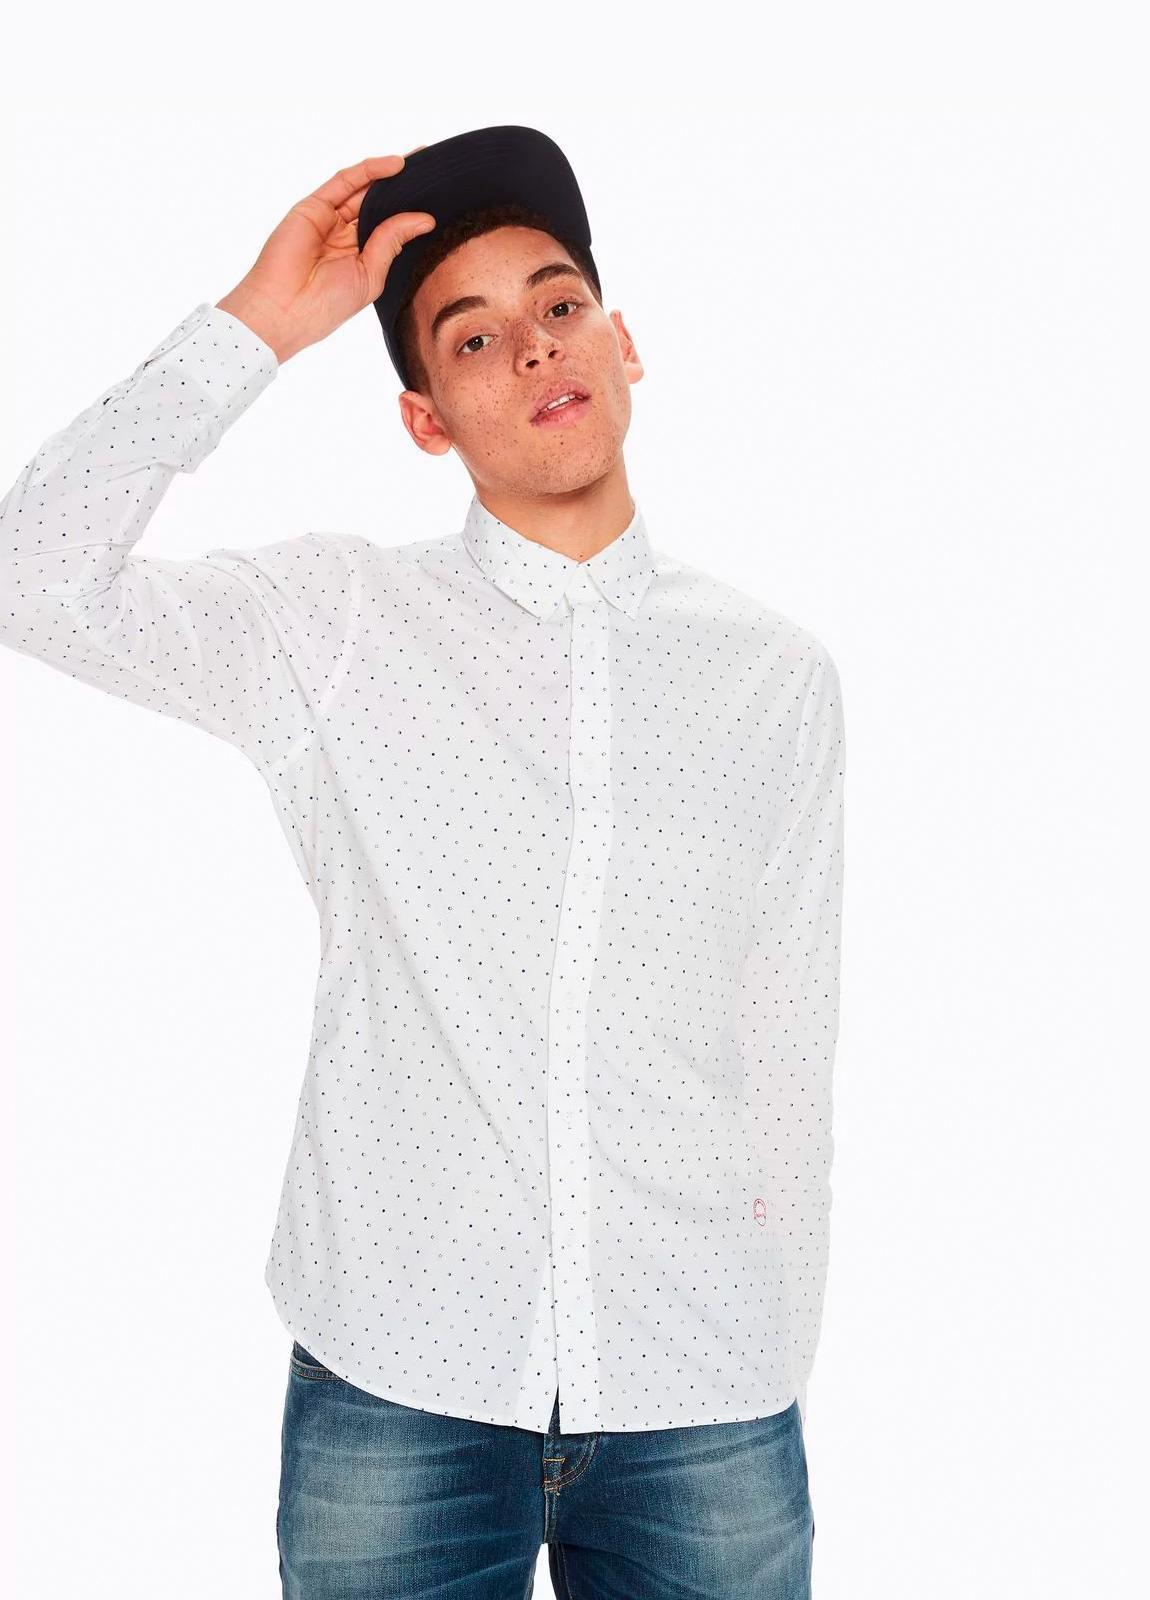 Camisa SLIM FIT, cuello botones. Estampado fases lunares, color blanco . 100% Algodón. - Ítem1